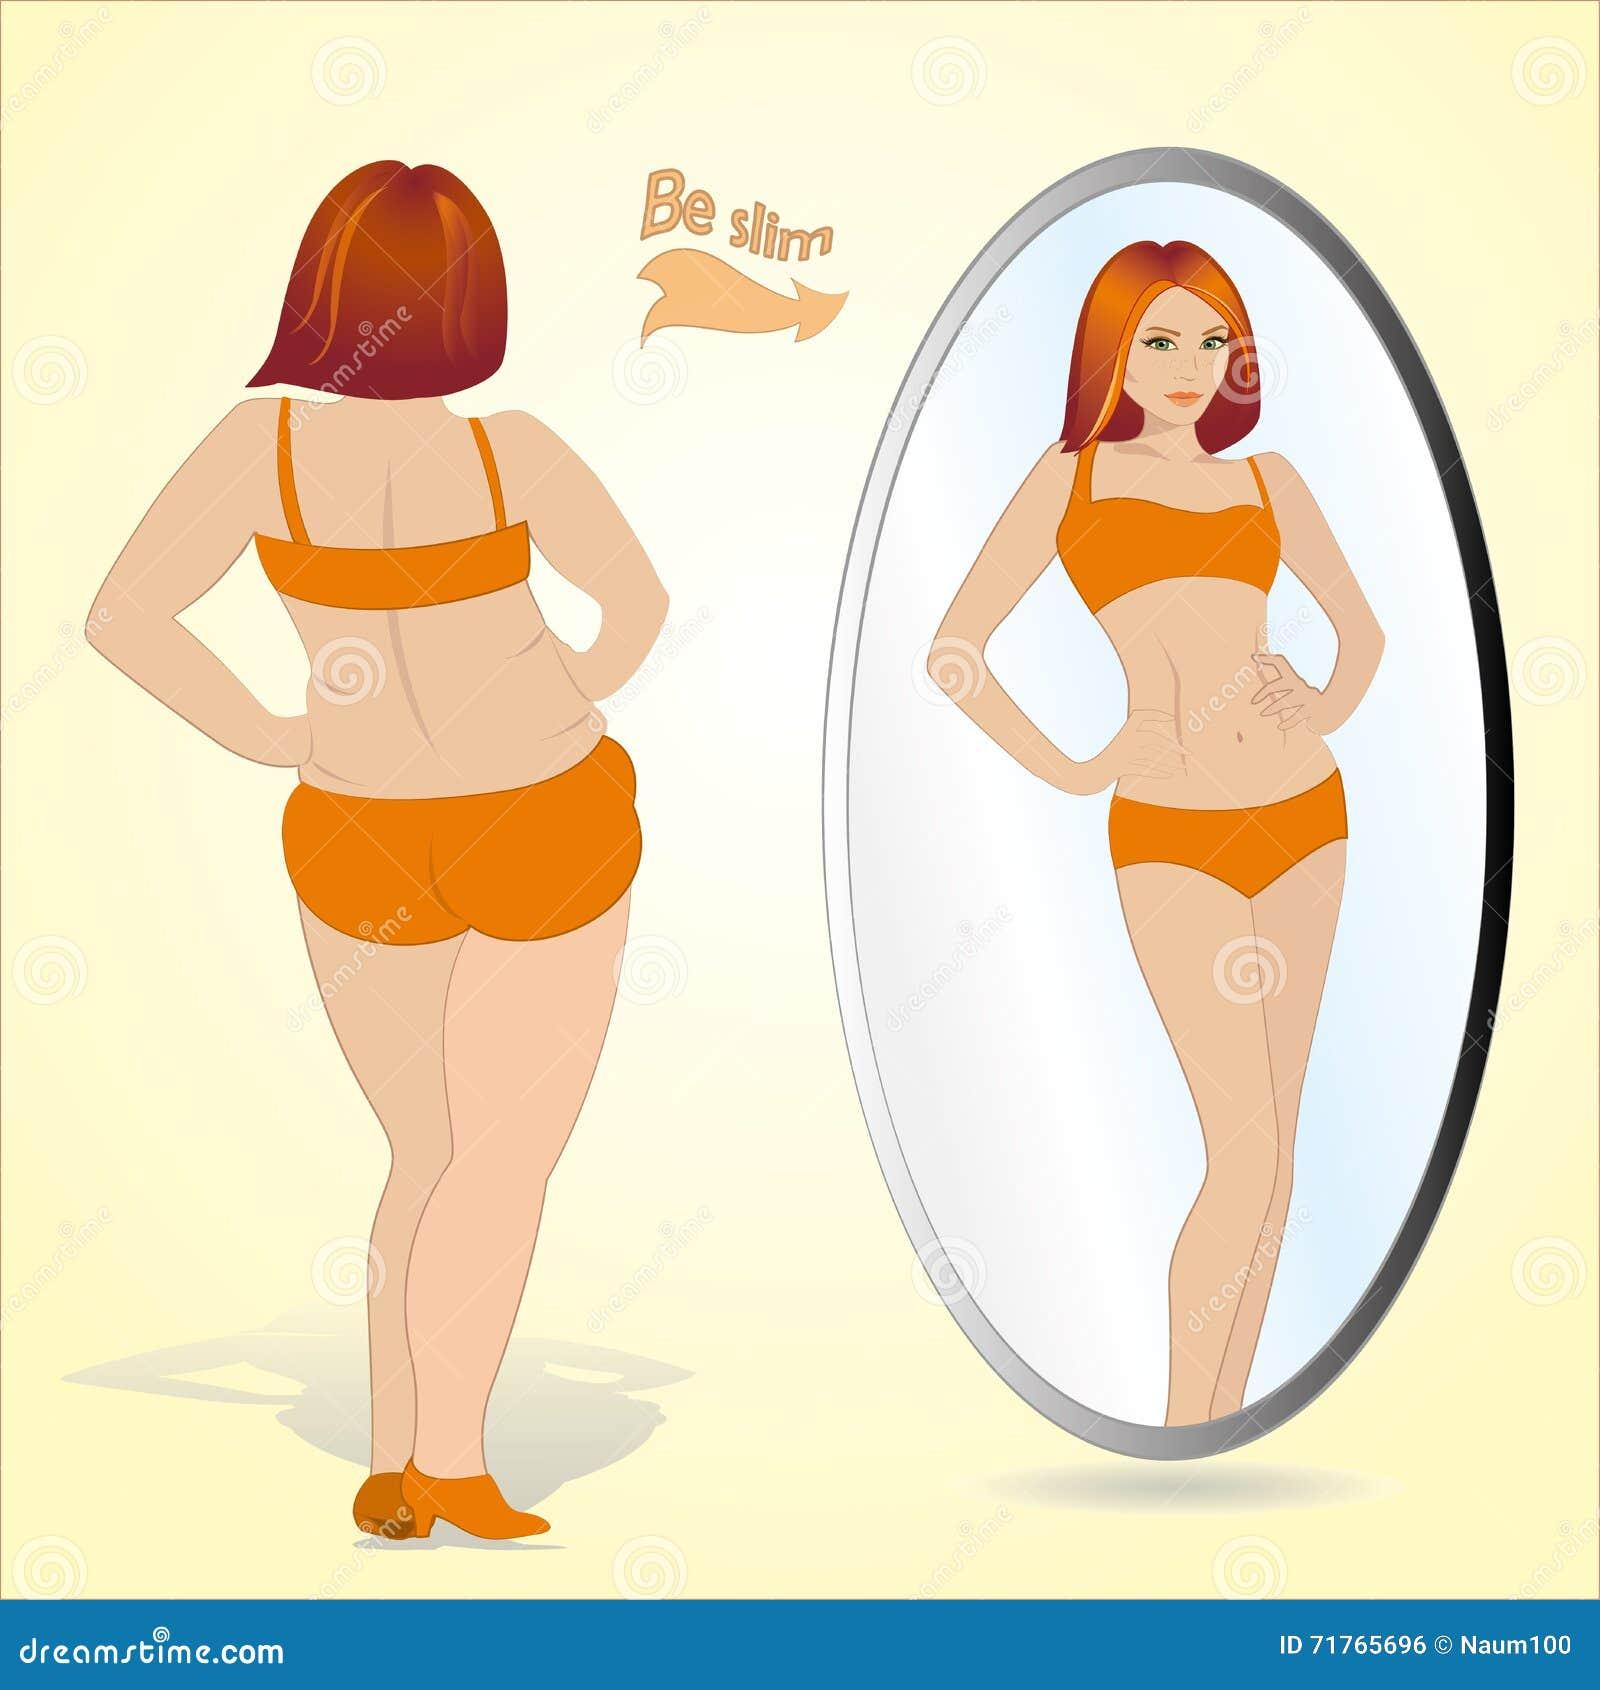 Grosse femme regardant dans le miroir et se voyant comme for Pics de chicks dans l miroir